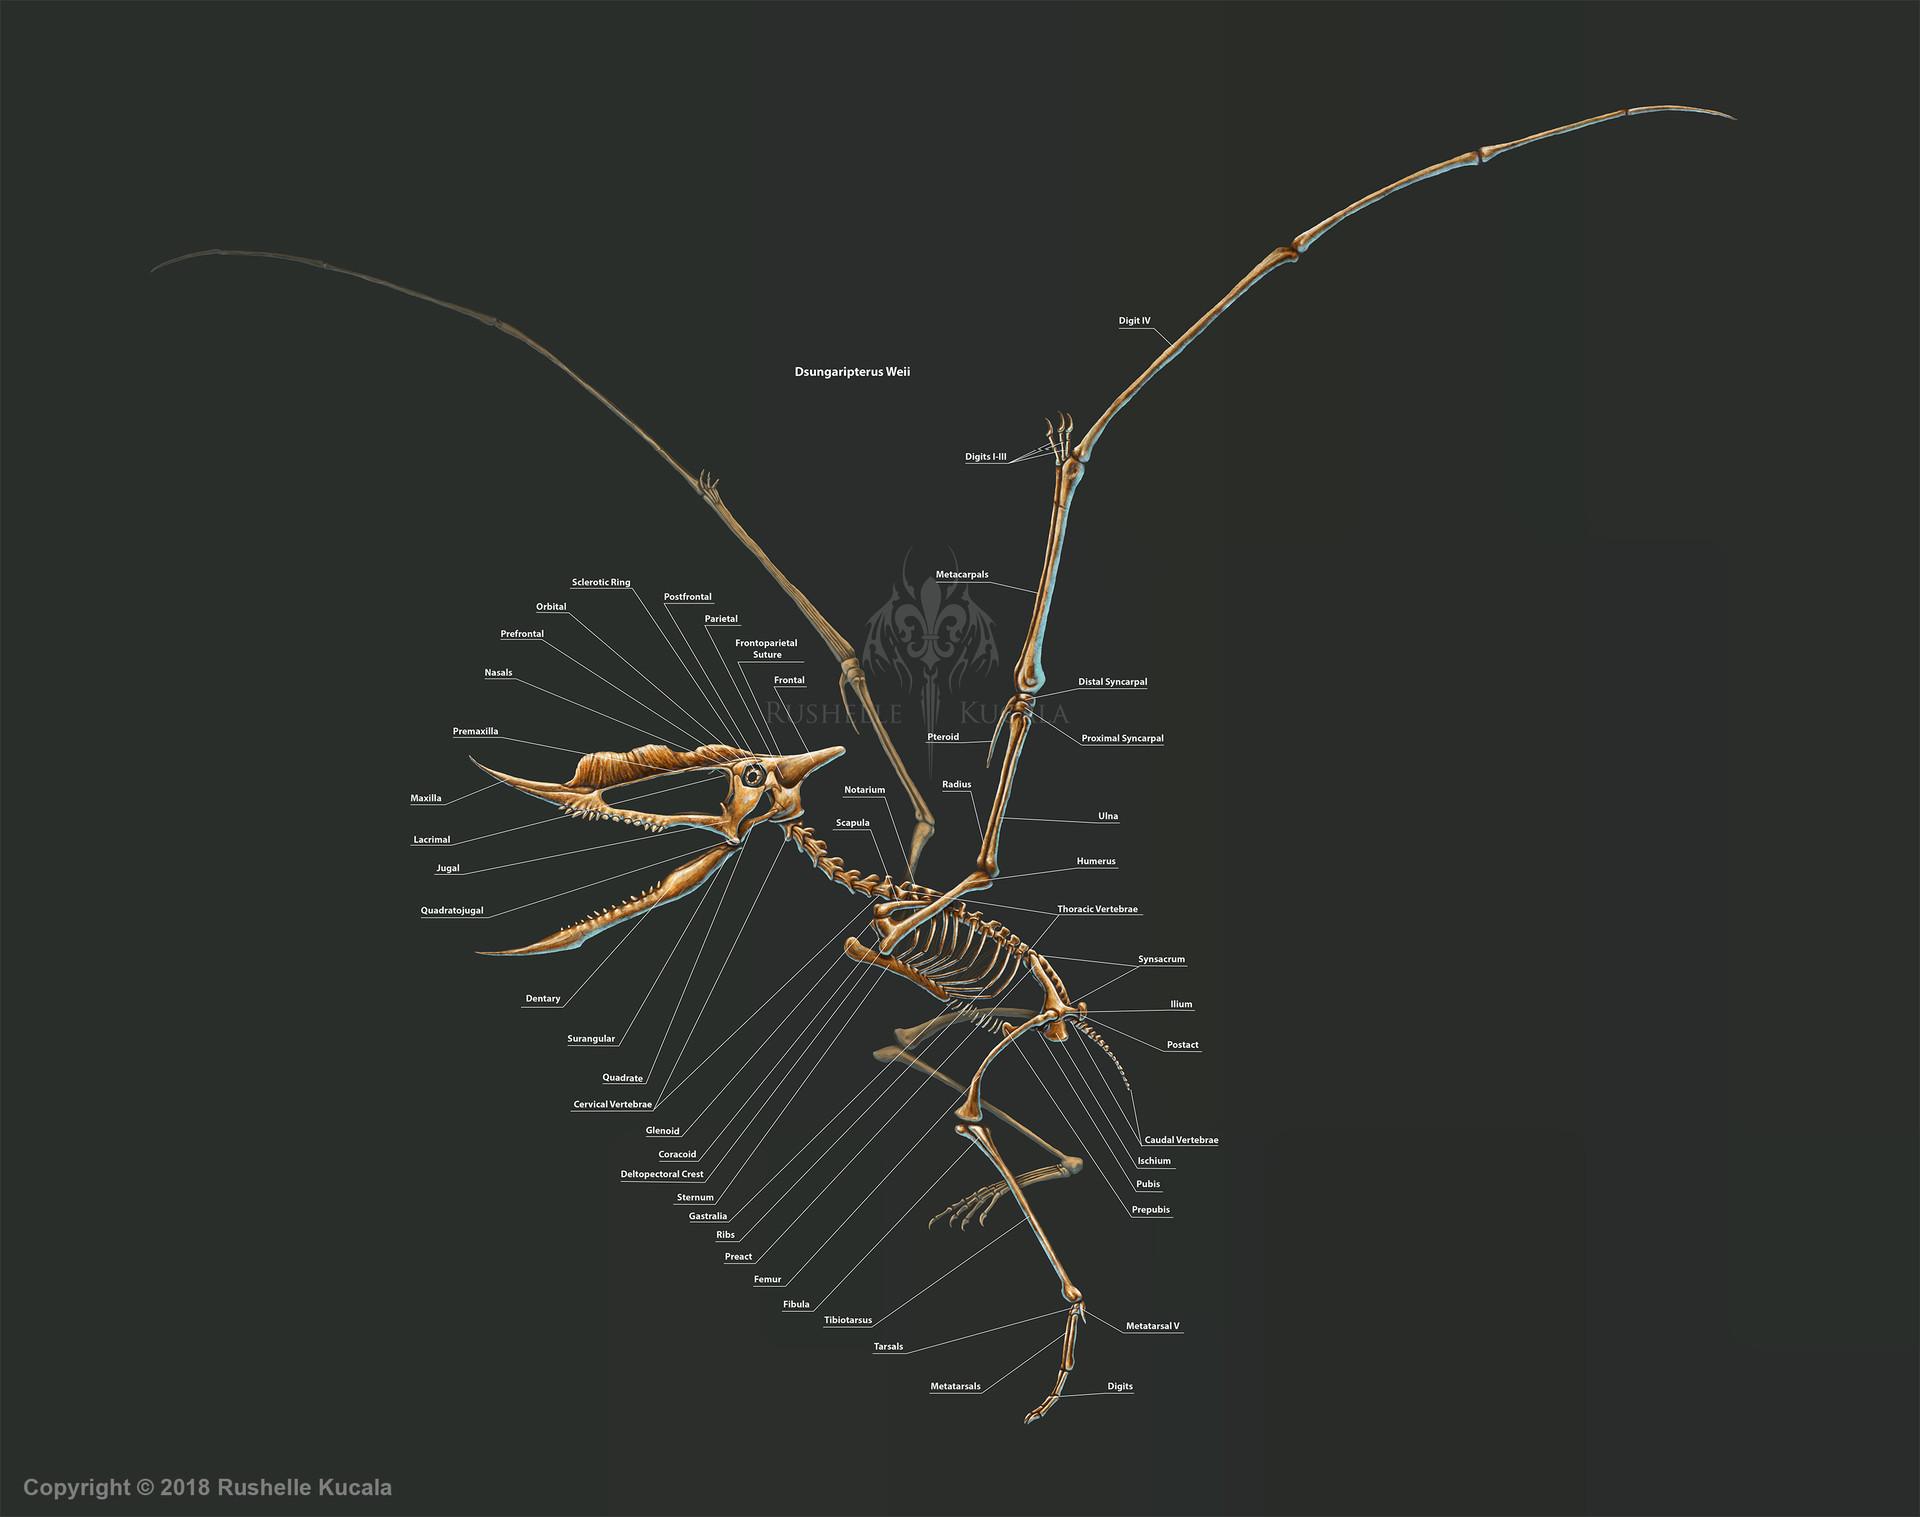 rushelle-kucala-dsungaripterusweiiskelet